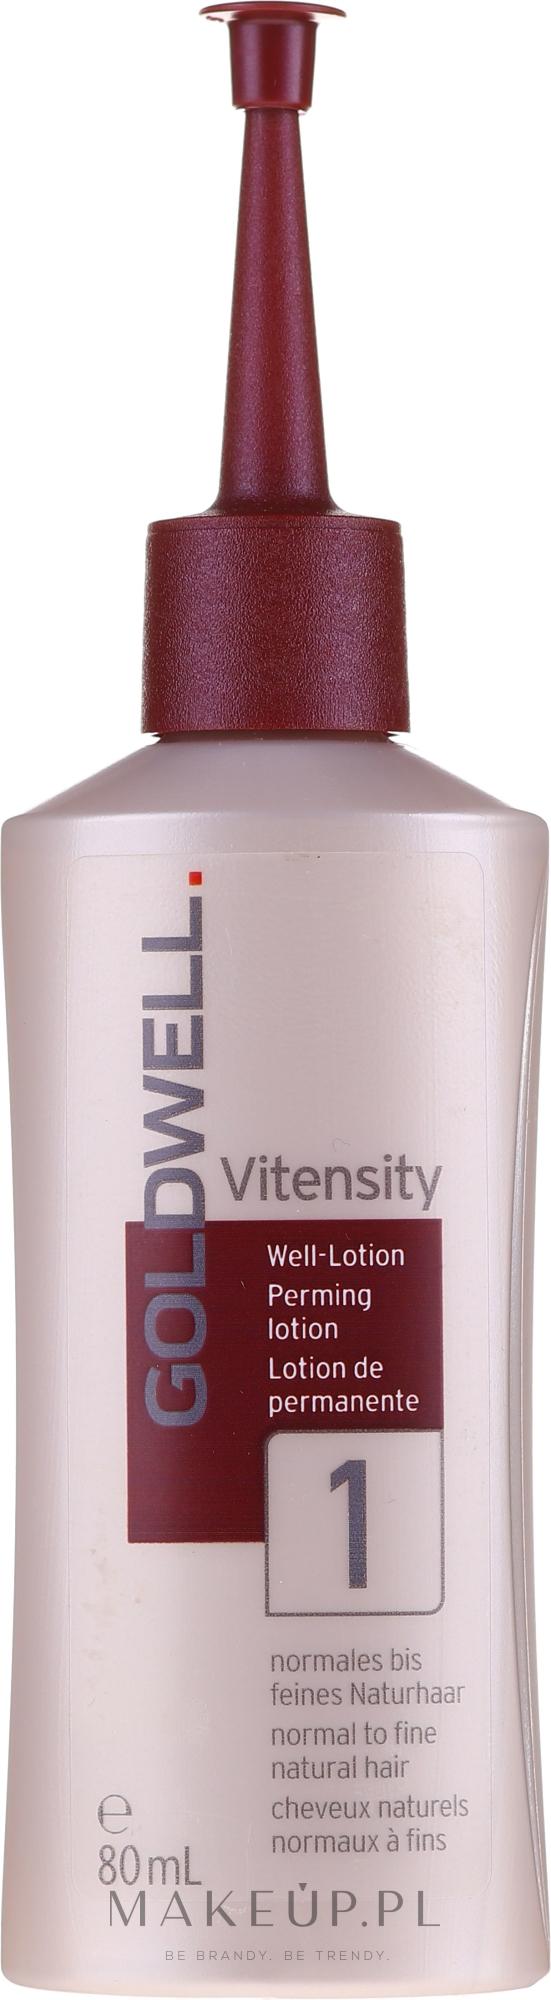 Płyn do trwałej ondulacji do włosów delikatnych - Goldwell Vitensity Performing Lotion 1 — фото 80 ml